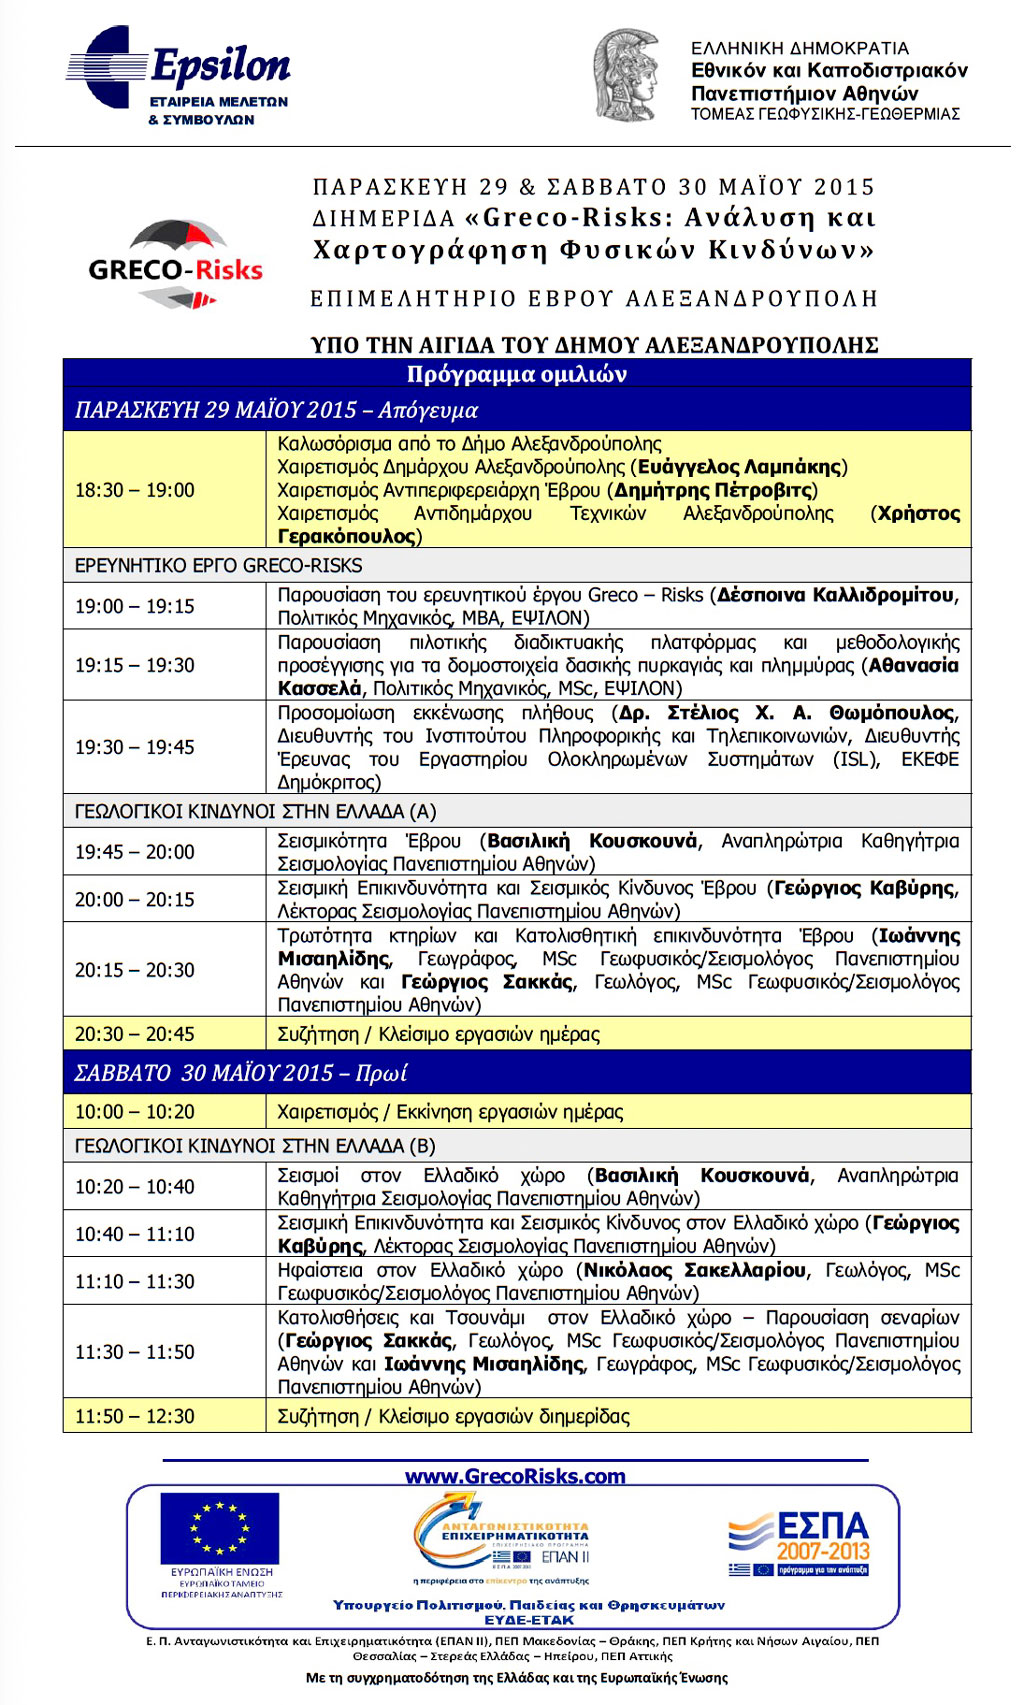 Ημερίδα Greco-Risks την Παρασκευή 29 και το Σάββατο 30 Μαϊου 2015 στην Αλεξανδρούπολη